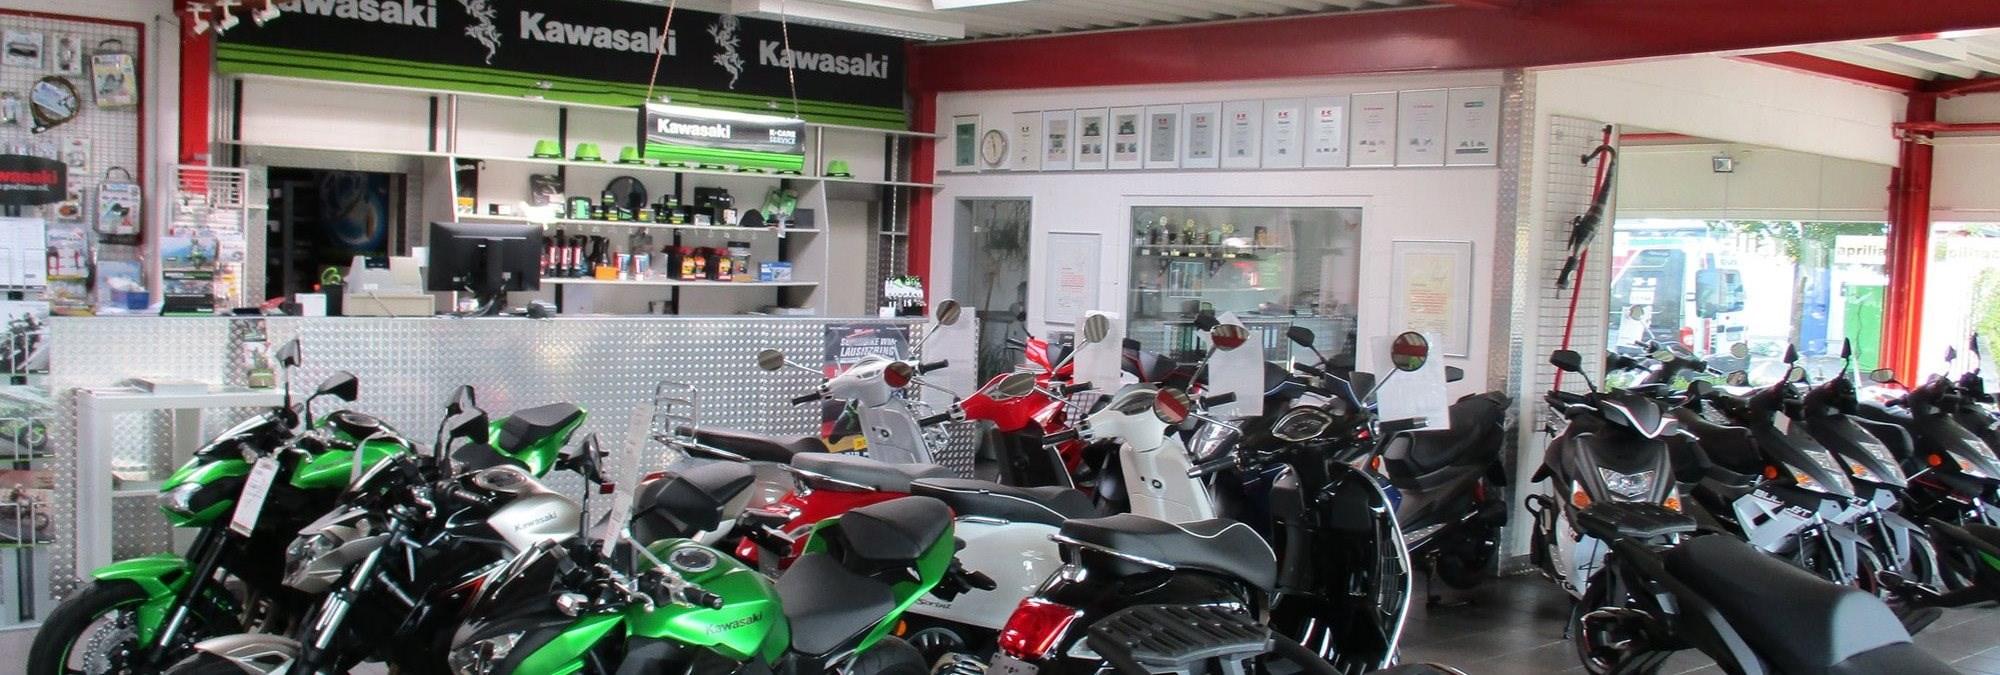 Verkaufsraum